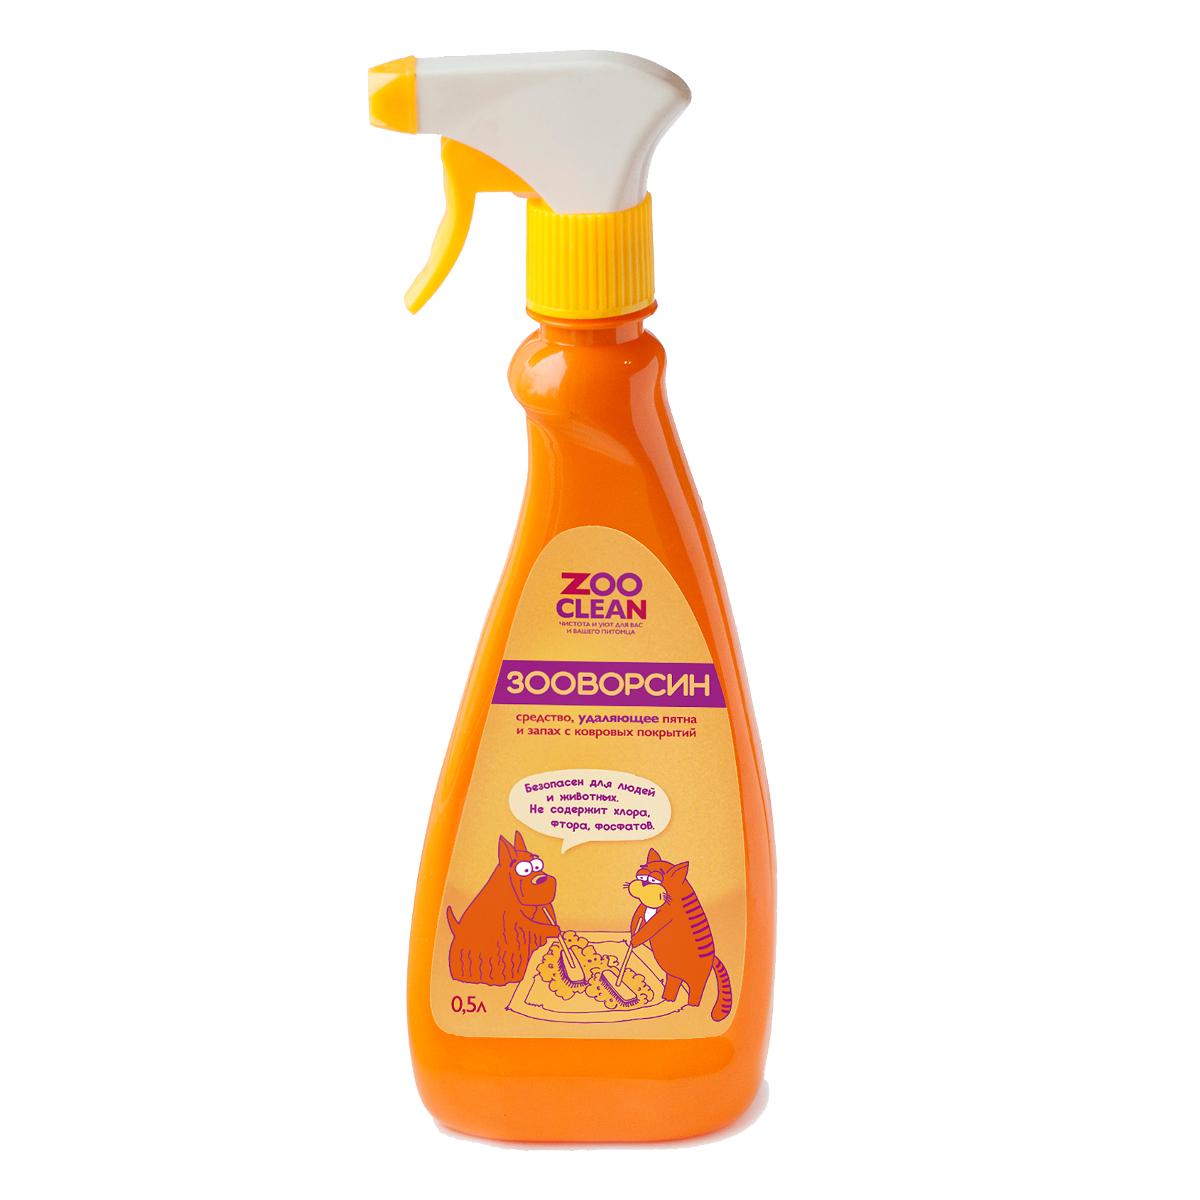 Средство для удаления пятен и запахов с ковровых покрытий Zoo Clean ЗооВорсин, 500 мл0120710Безопасное моющее средство, удаляющее запахи, для тканевых поверхностей с антистатиком, 500 мл. - Чистит, отмывает и уничтожает запахи на тканевых, ковровых поверхностях, в обуви, в салонах автомобилей. С эффектом Химчистки- Снимает территориальные метки животных- Эффект антистатикаОсобенности: Не содержит: — Хлора. — Фтора. — Фосфатов.Безопасен для людей и животных.Рекомендовано и апробировано Российскими питомниками.Возможна обработка в присутствии животных. Область применения ЗооВорсин: Салоны автомобилей Помещения содержания животных (квартиры, питомники, клетки) Ветеринарные клиники Зоогостиницы ВыставкиКак применять ЗооВорсин? Удалить грубое загрязнение.Распылить на загрязненную поверхность, не допуская избытка влаги Почистить влажной щеткой и оставить на 3-5 минут Дать подсохнуть и пропылесосить При необходимости повторить процедуру. Меры предосторожности: Беречь от детей При попадании концентрата на кожу, в глаза и на слизистую оболочку промыть водой. Состав: Неионгенные и анионактивные ПАВы, специальные добавки, пищевая отдушка.